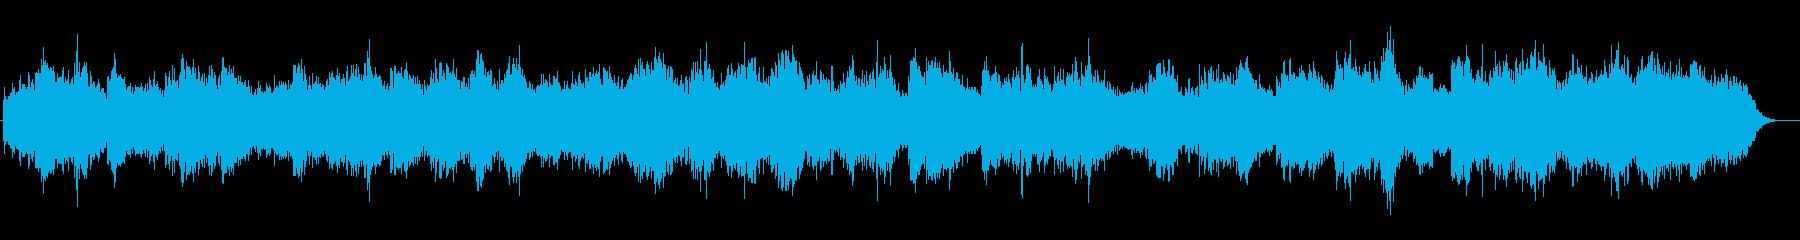 水中のような幻想的なシンセサイザーの音楽の再生済みの波形